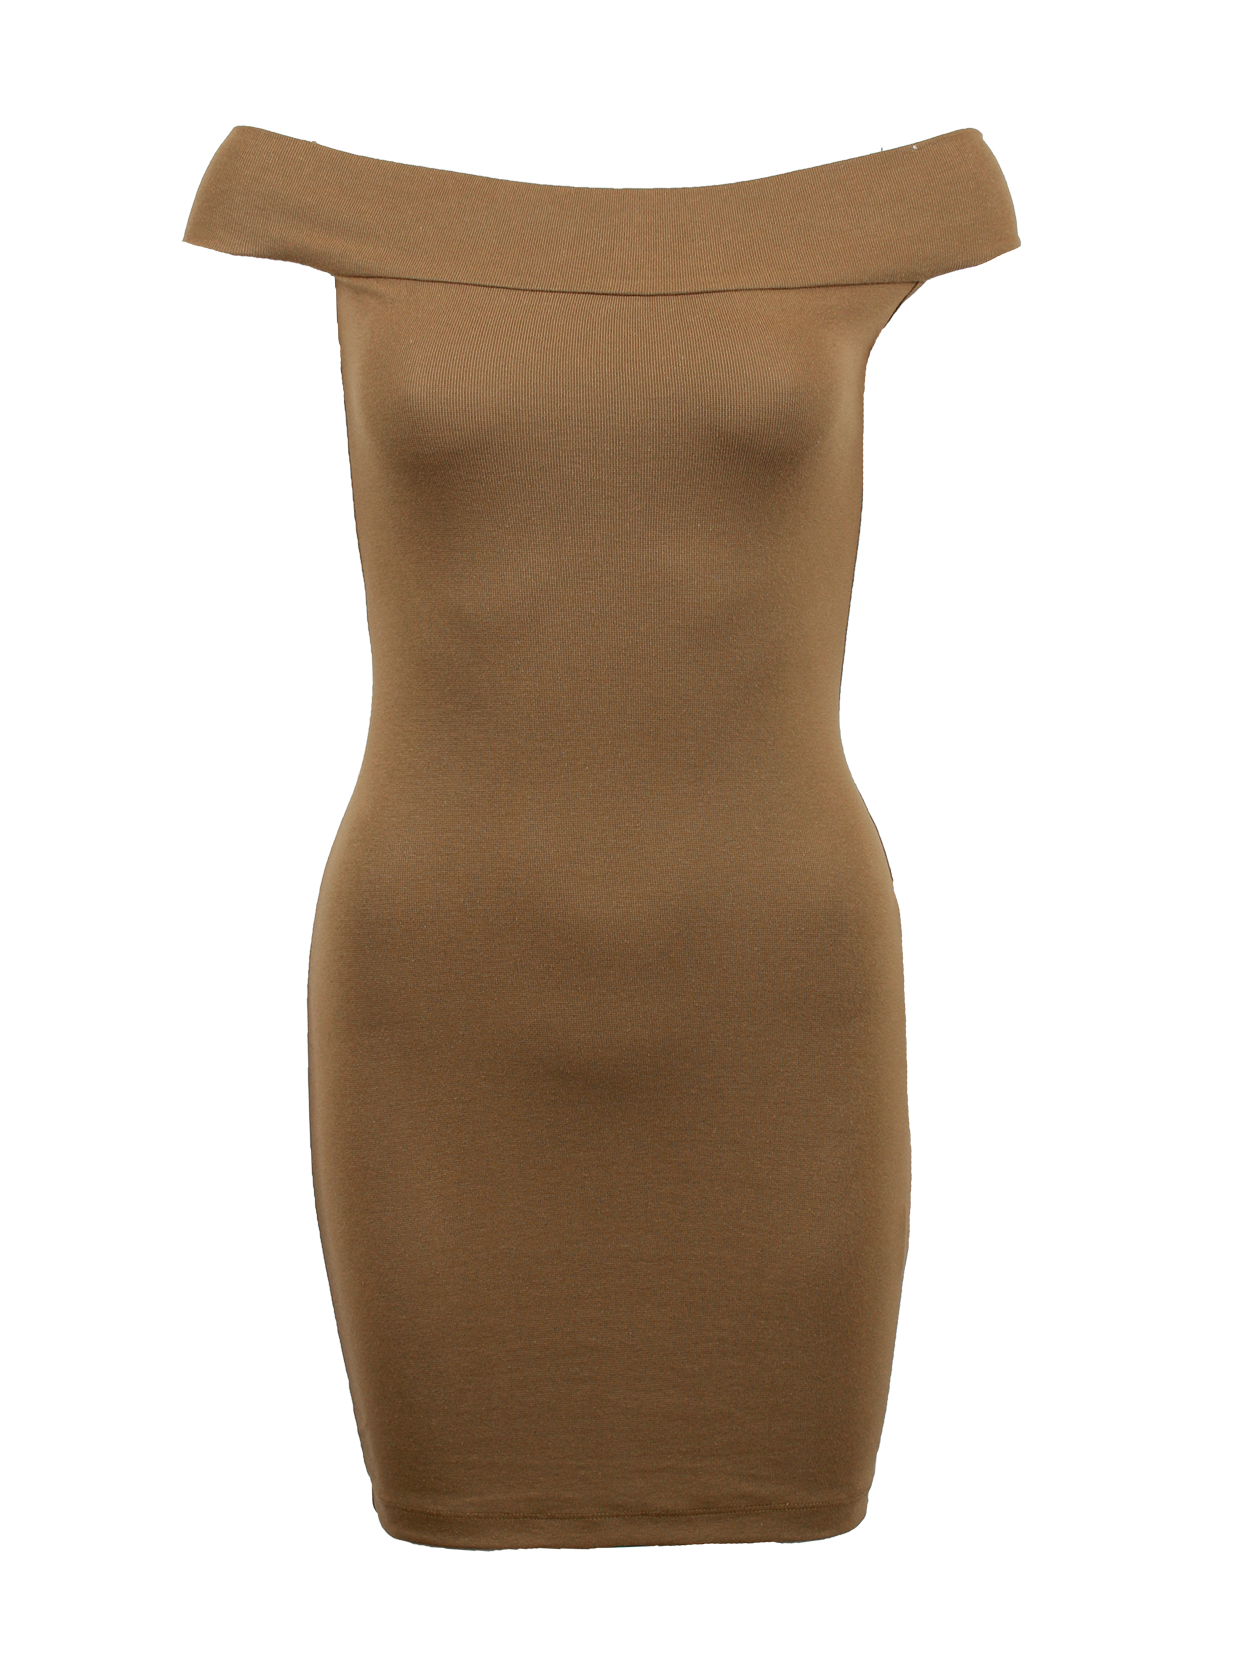 Платье женское MON AMOURПлатье женское Mon Amour из коллекции Black Star – отличный способ подчеркнуть свою привлекательность. Стильная модель облегающего кроя длиной до середины бедра. Горловина выполняет функцию декоративного элемента, она оформлена в виде широкой вставки, открывающей плечи. Материал пошива – высококачественное хлопковое полотно, обладающее высокой практичностью и износостойкостью. Выберите для себя лучшую расцветку – черную, хаки или розовую, и создайте свой неповторимый образ.<br><br>Размер: S<br>Цвет: Хаки<br>Пол: Женский